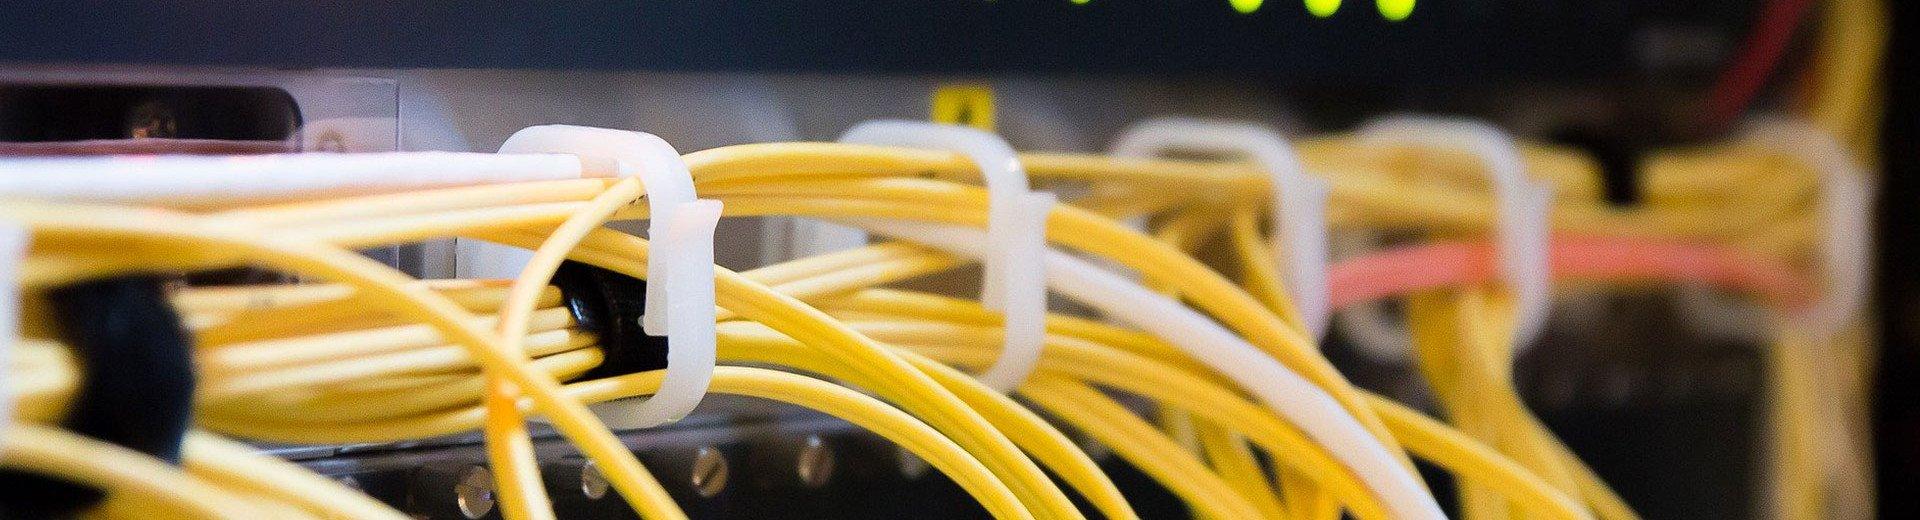 Okładka artykułu Jak wybrać najlepszy hosting, kiedy nie masz pojęcia o serwerach? — Przyjazny przewodnik dla laika